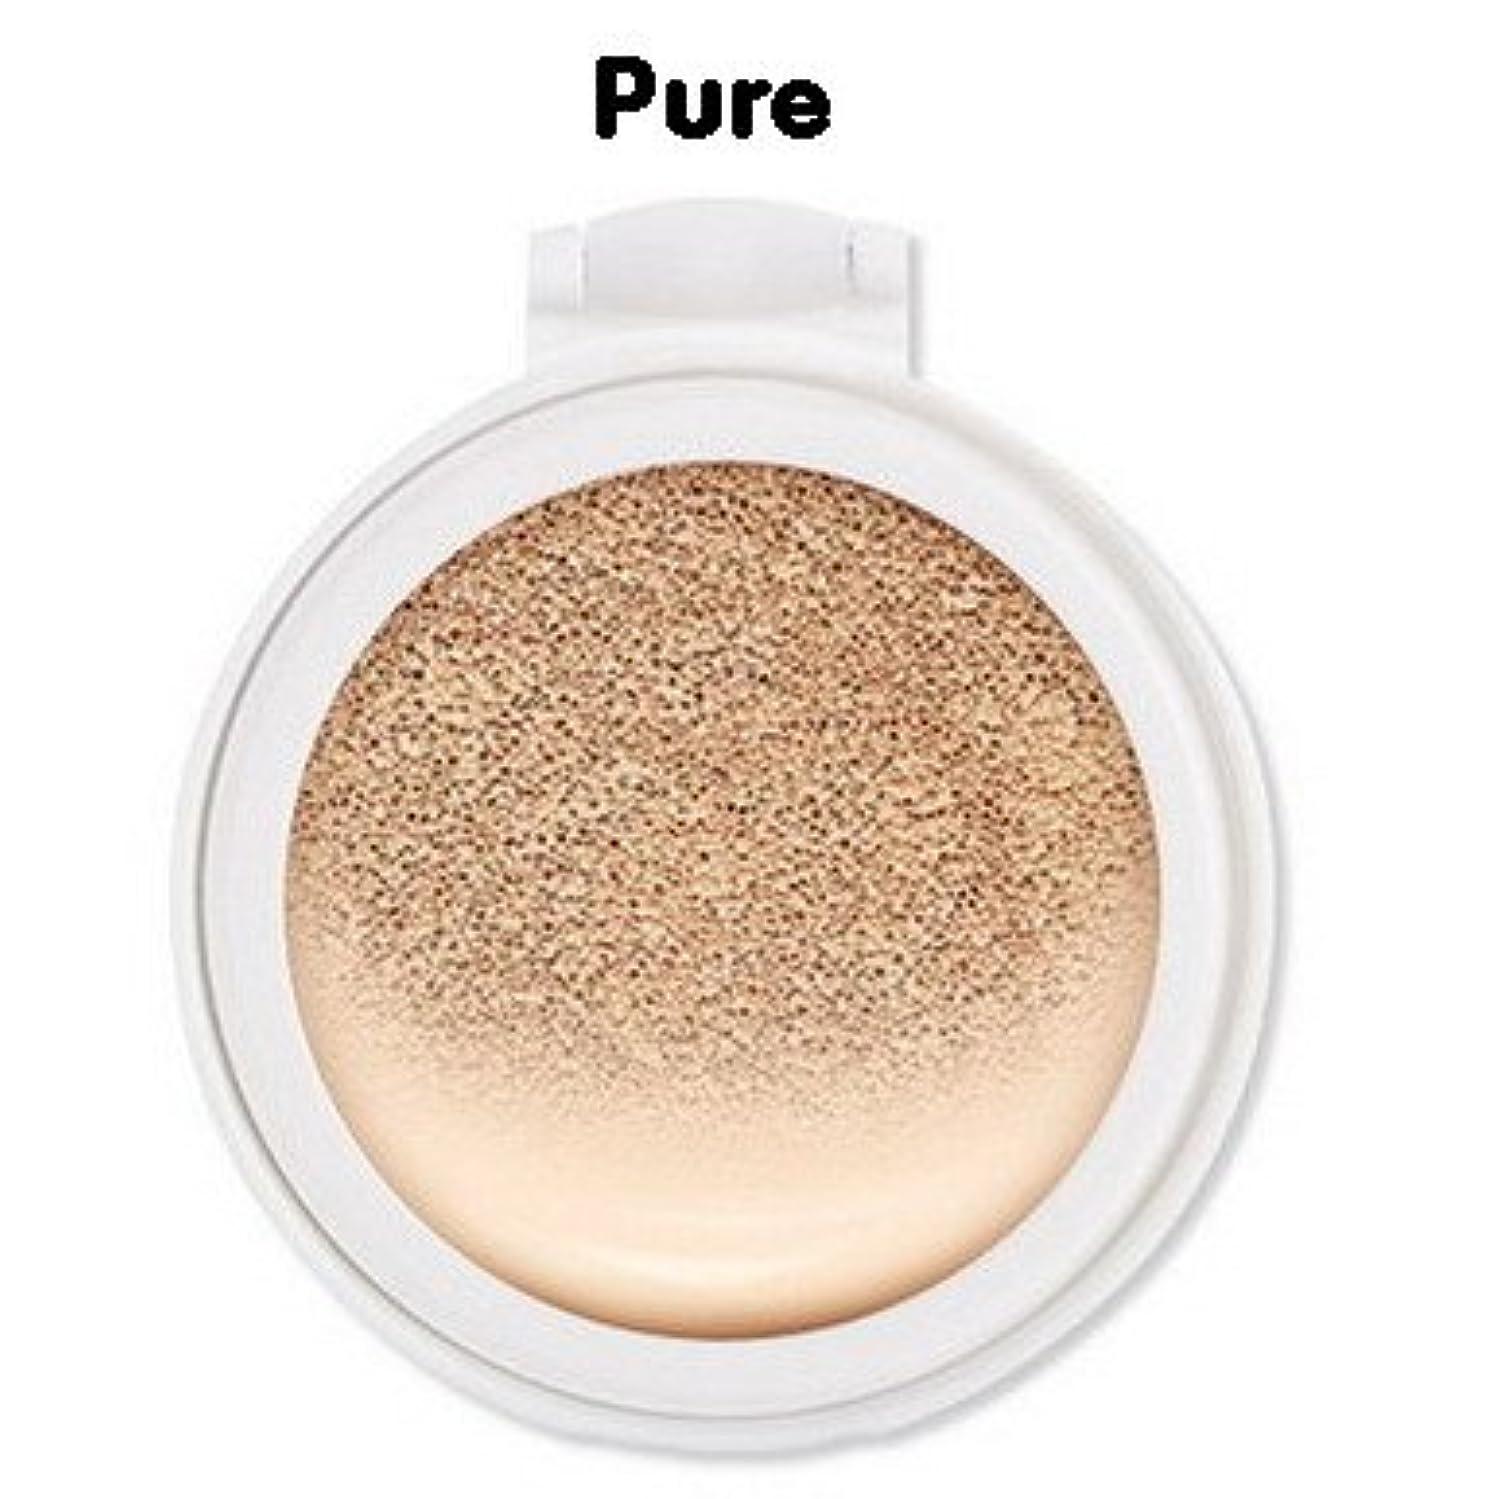 学士友だちフロー【ETUDE HOUSE(エチュードハウス)】エニクッション オールデーパーフェクト15g (リフィル) (SPF50+/ PA+++) (6カラー選択1) (Pure) [並行輸入品]